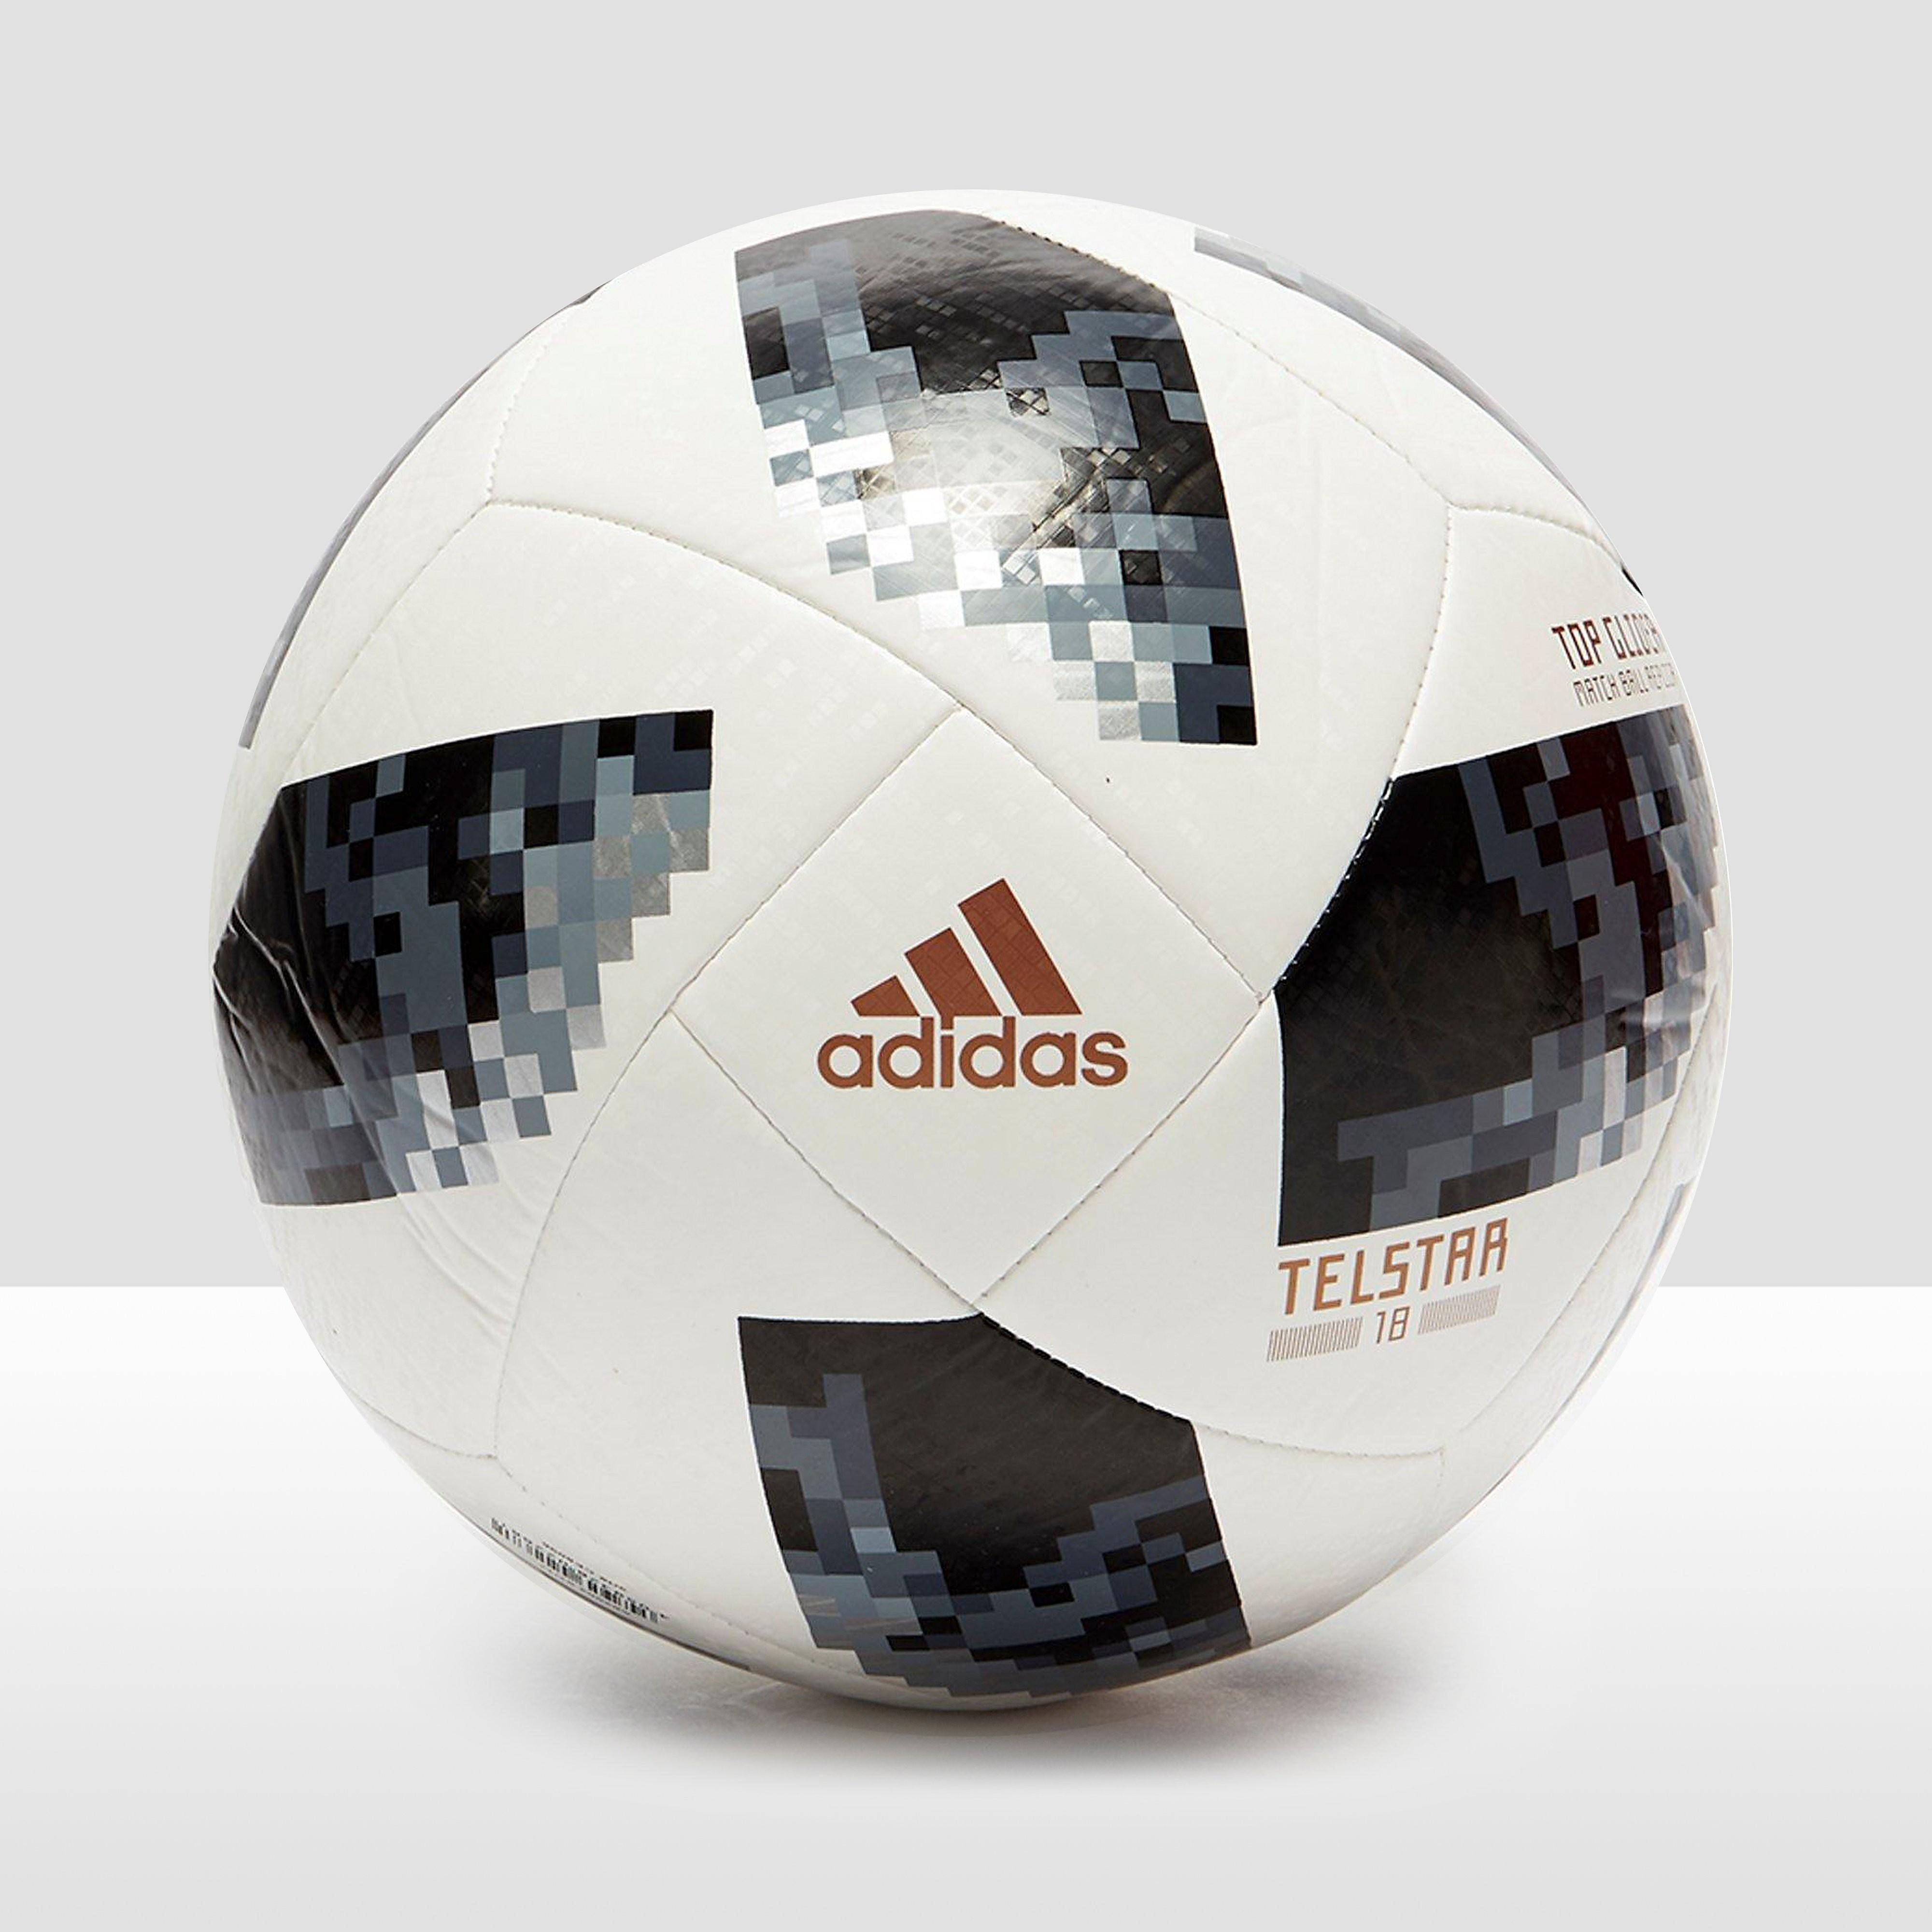 ADIDAS FIFA WORLD CUP 2018 TOP GLIDER VOETBAL WIT/ZWART